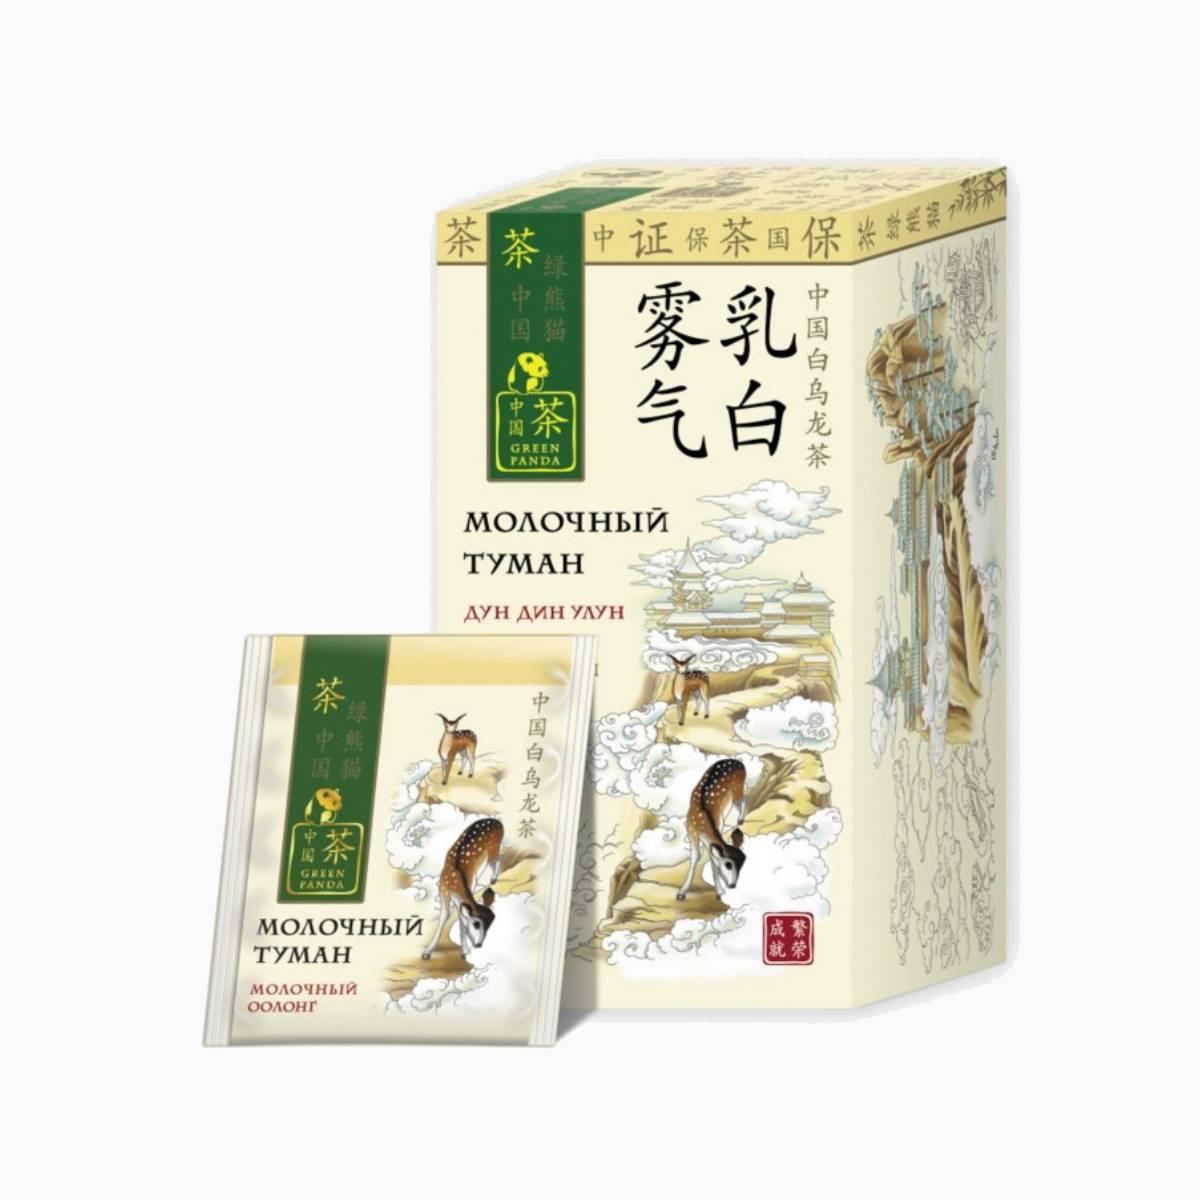 """Чай Китайский молочный оолонг """"Молочный Туман"""", Green Panda"""